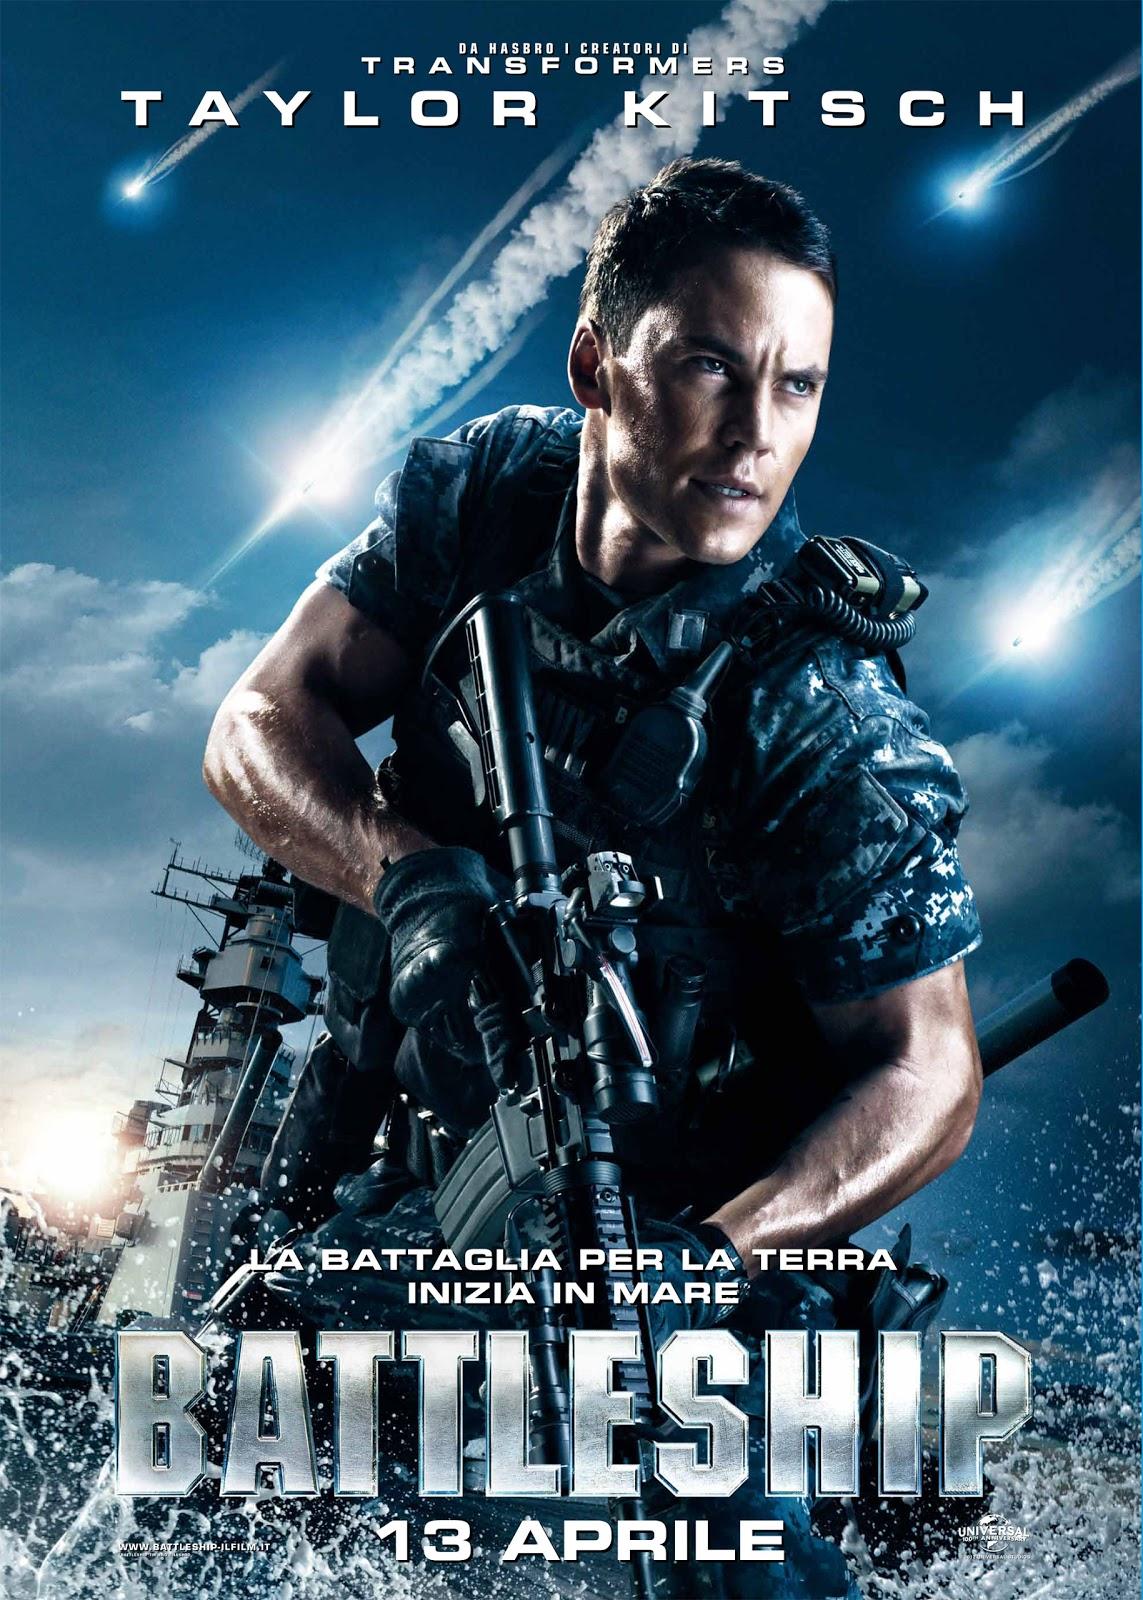 http://3.bp.blogspot.com/-rIC8OAuKCfc/UIddscxPplI/AAAAAAAAWUk/T0dSn18Il28/s1600/battleship-movie-poster-taylor-kitsch.jpg